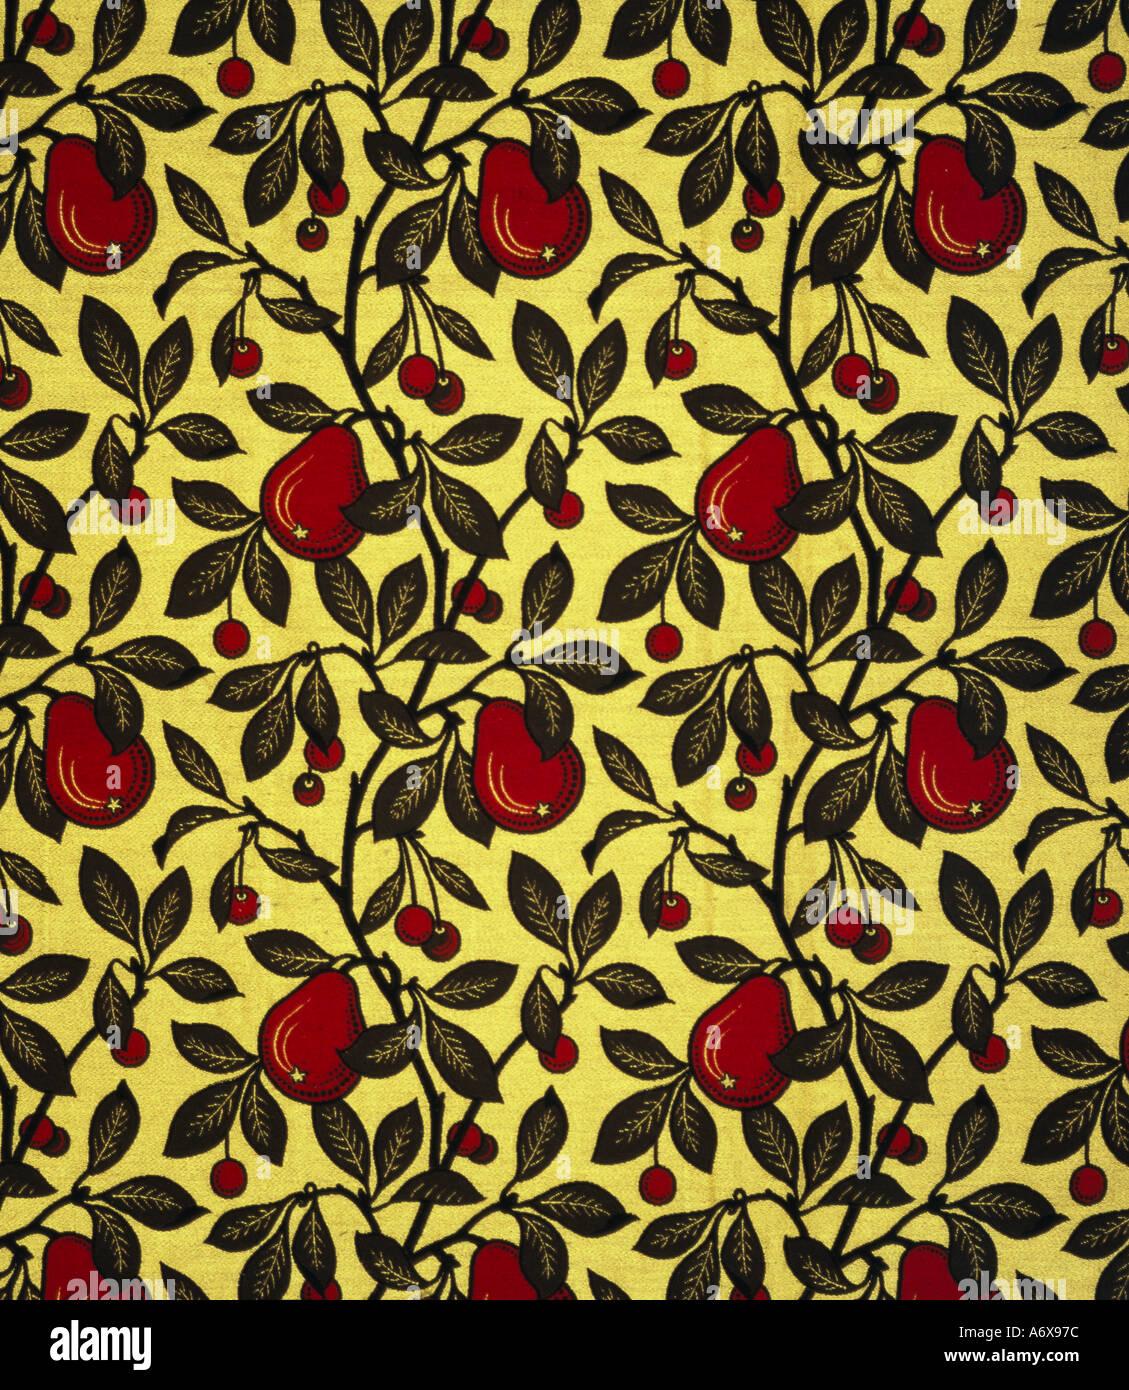 Les poires et les cerises ameublement par Bruce James Talbert. Angleterre, fin du xixe siècle. Photo Stock